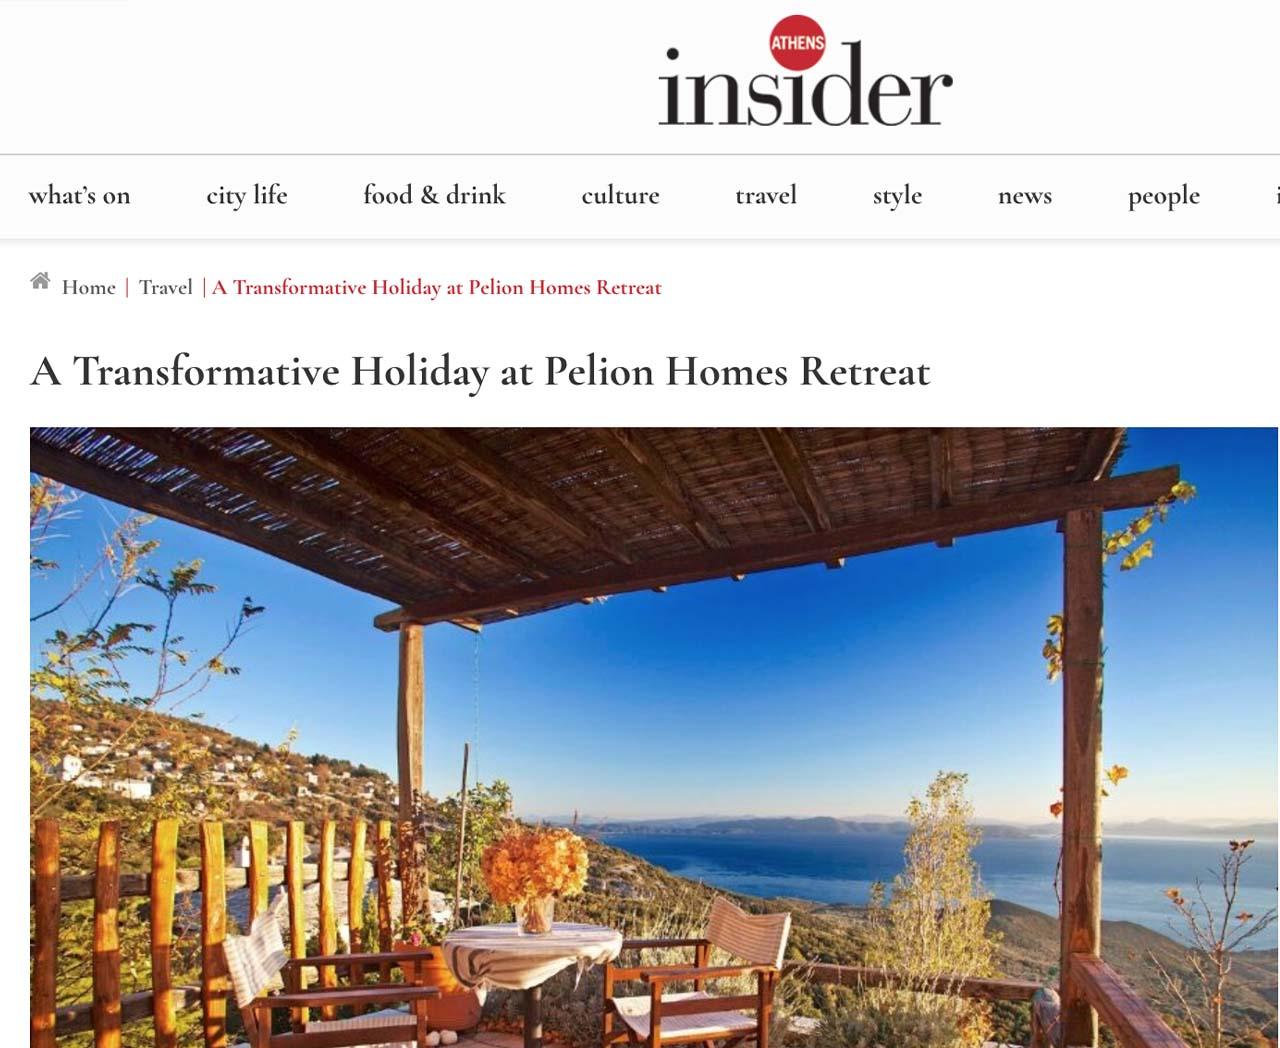 Athens Insider Pelion Homes